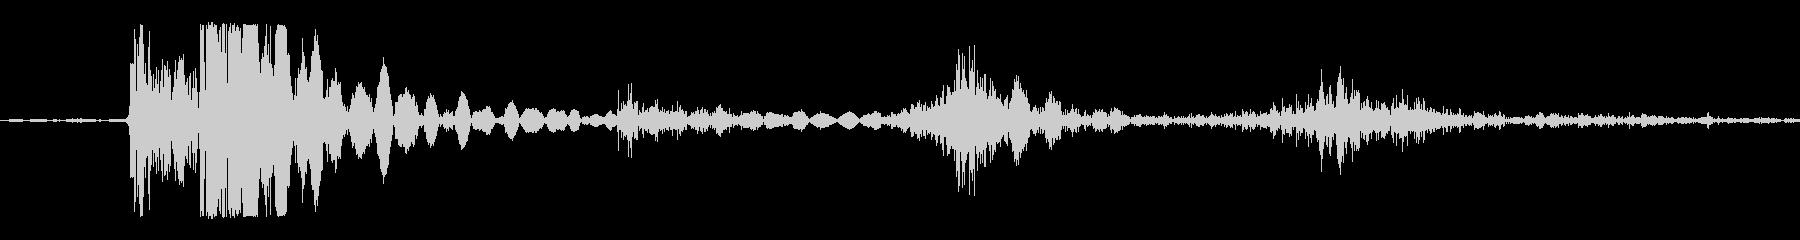 バブルラップへの影響、大、X4の未再生の波形